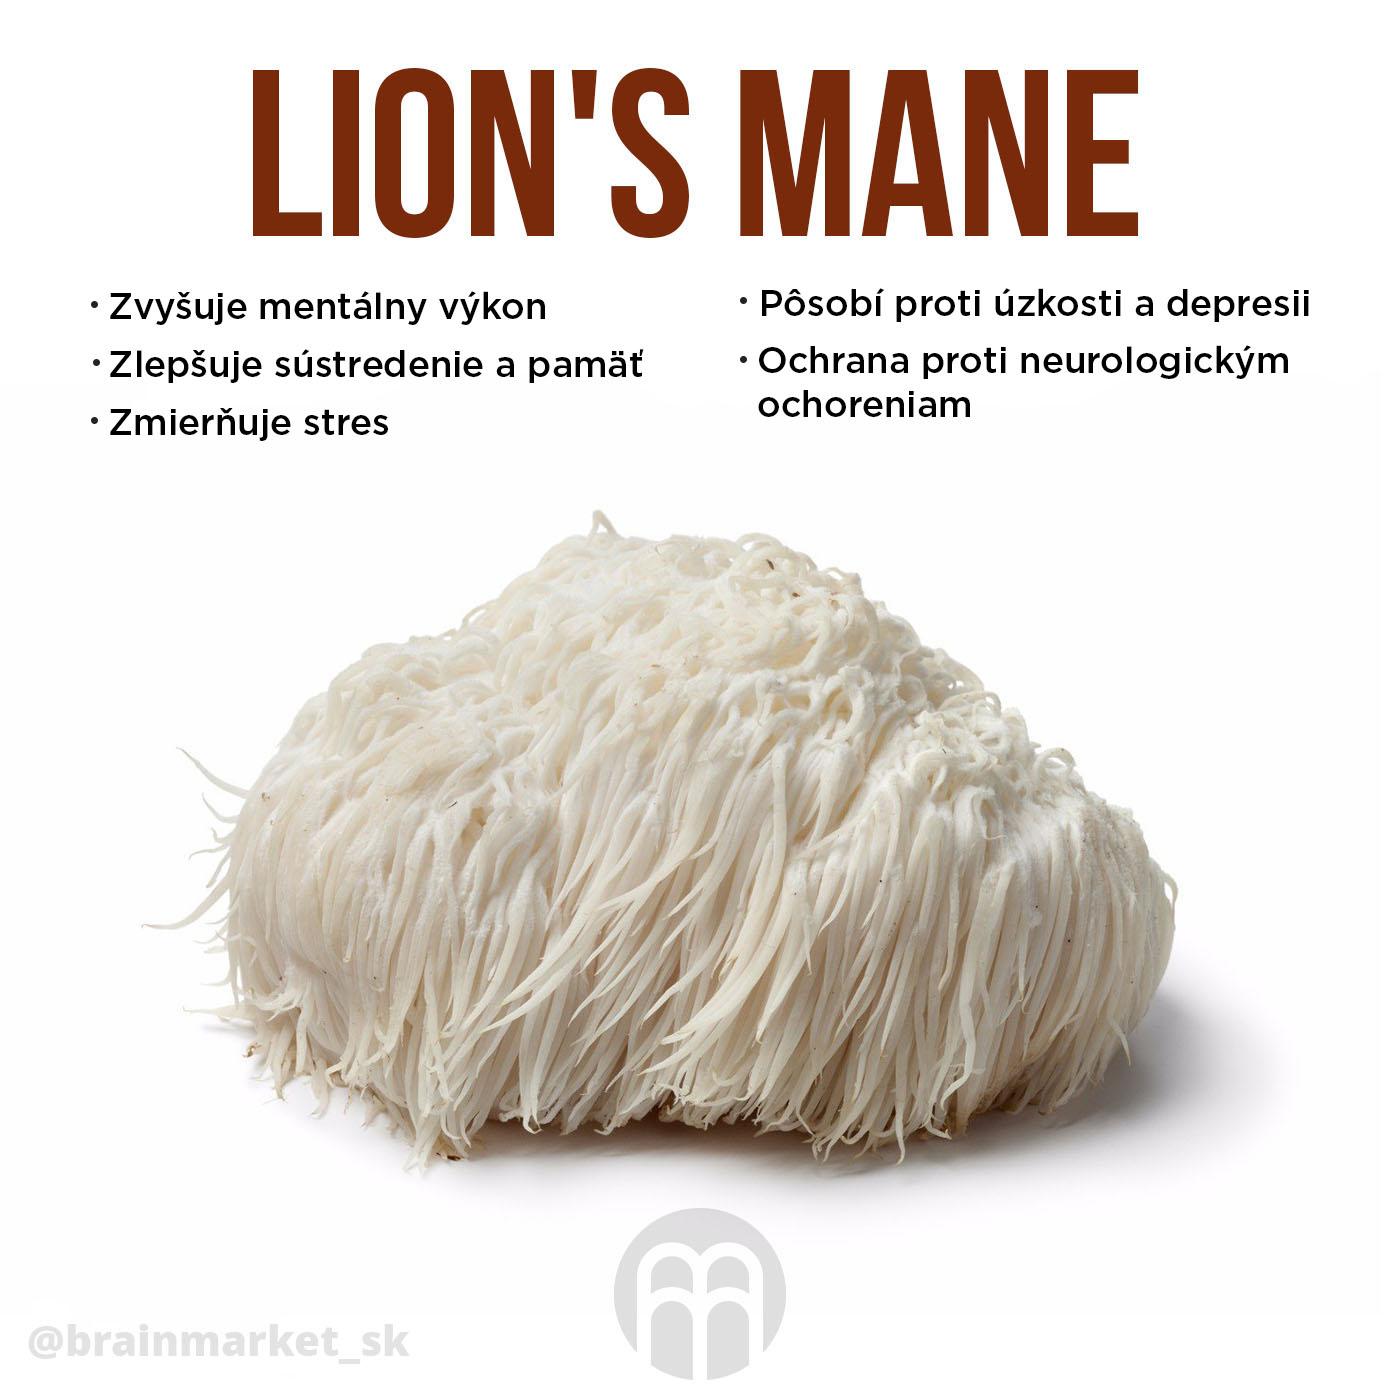 lions-mane-sk